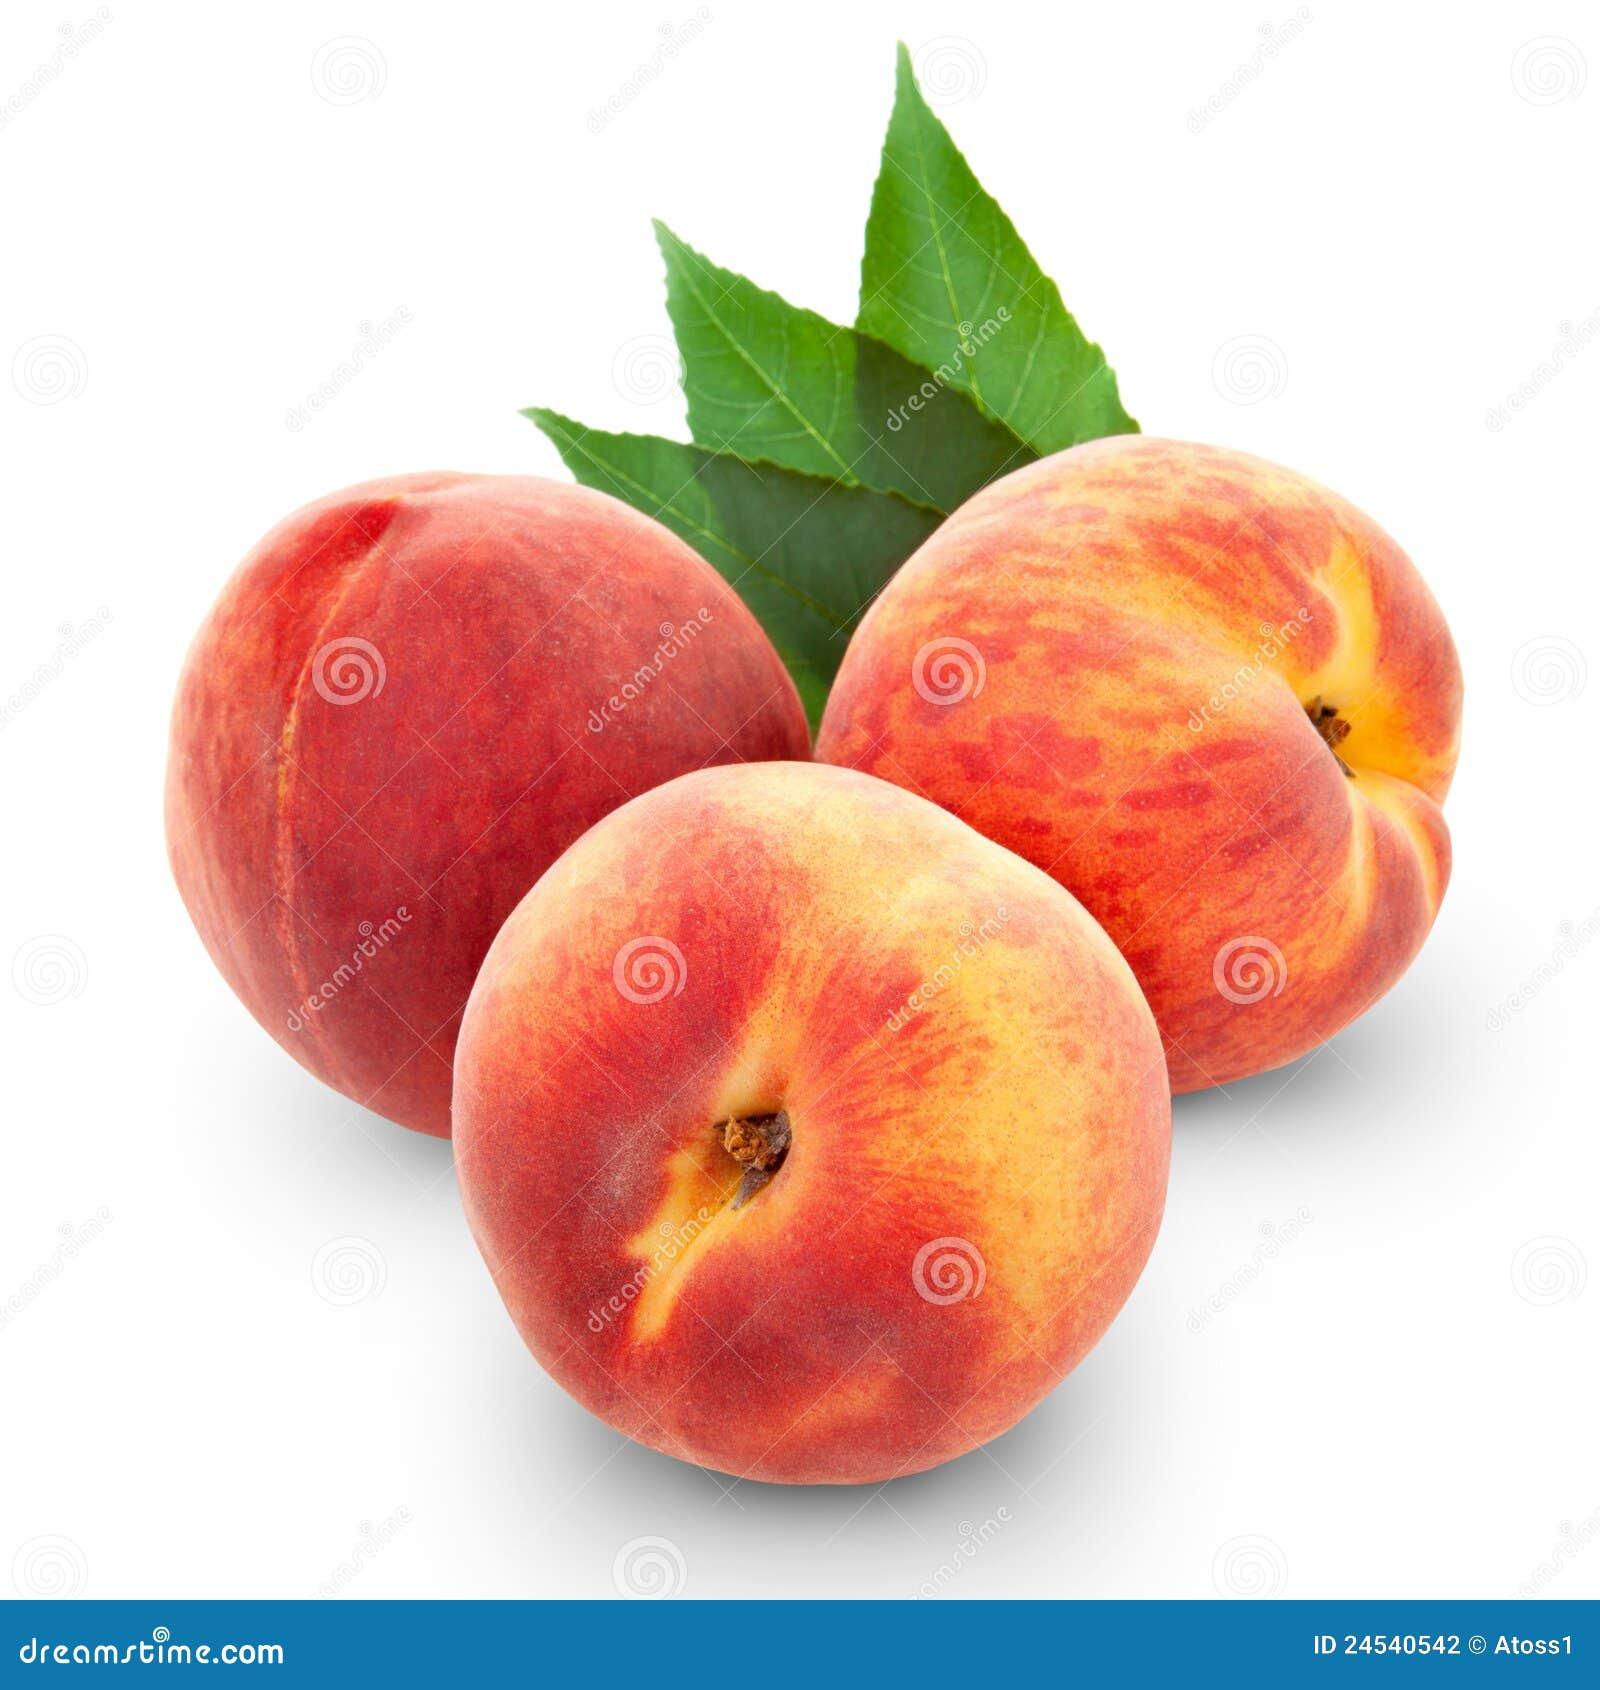 how to keep cut peaches fresh